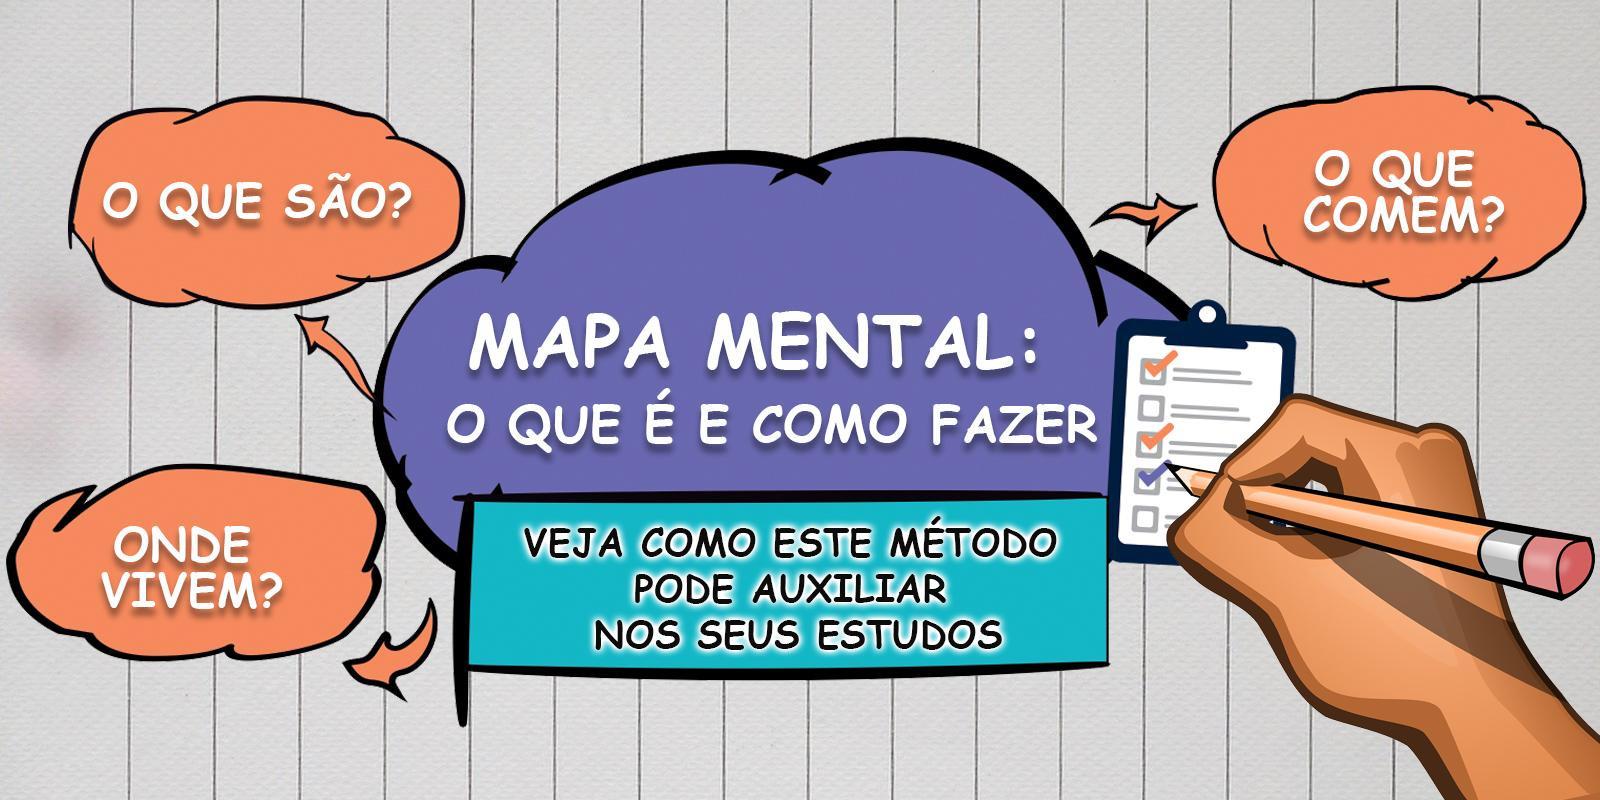 Mapa Mental: o que é e como fazer